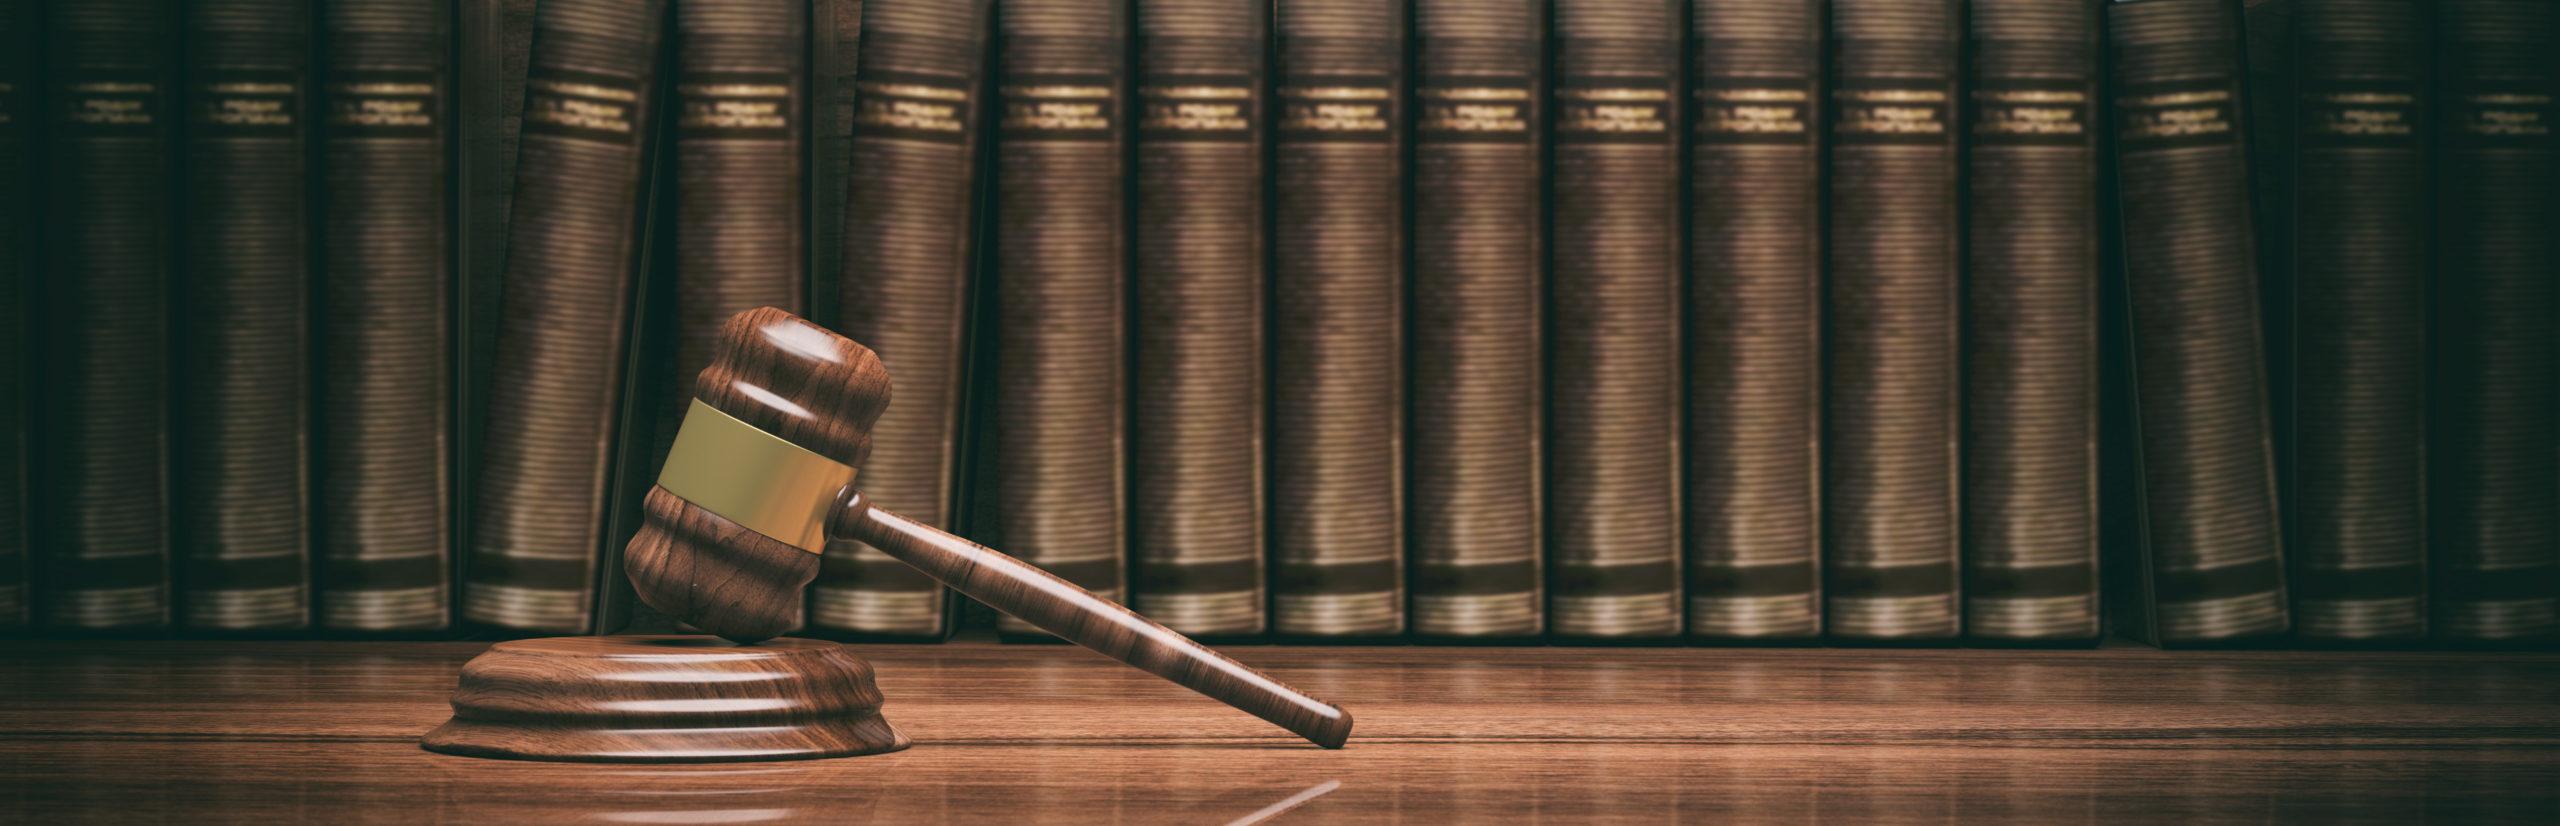 law ascend